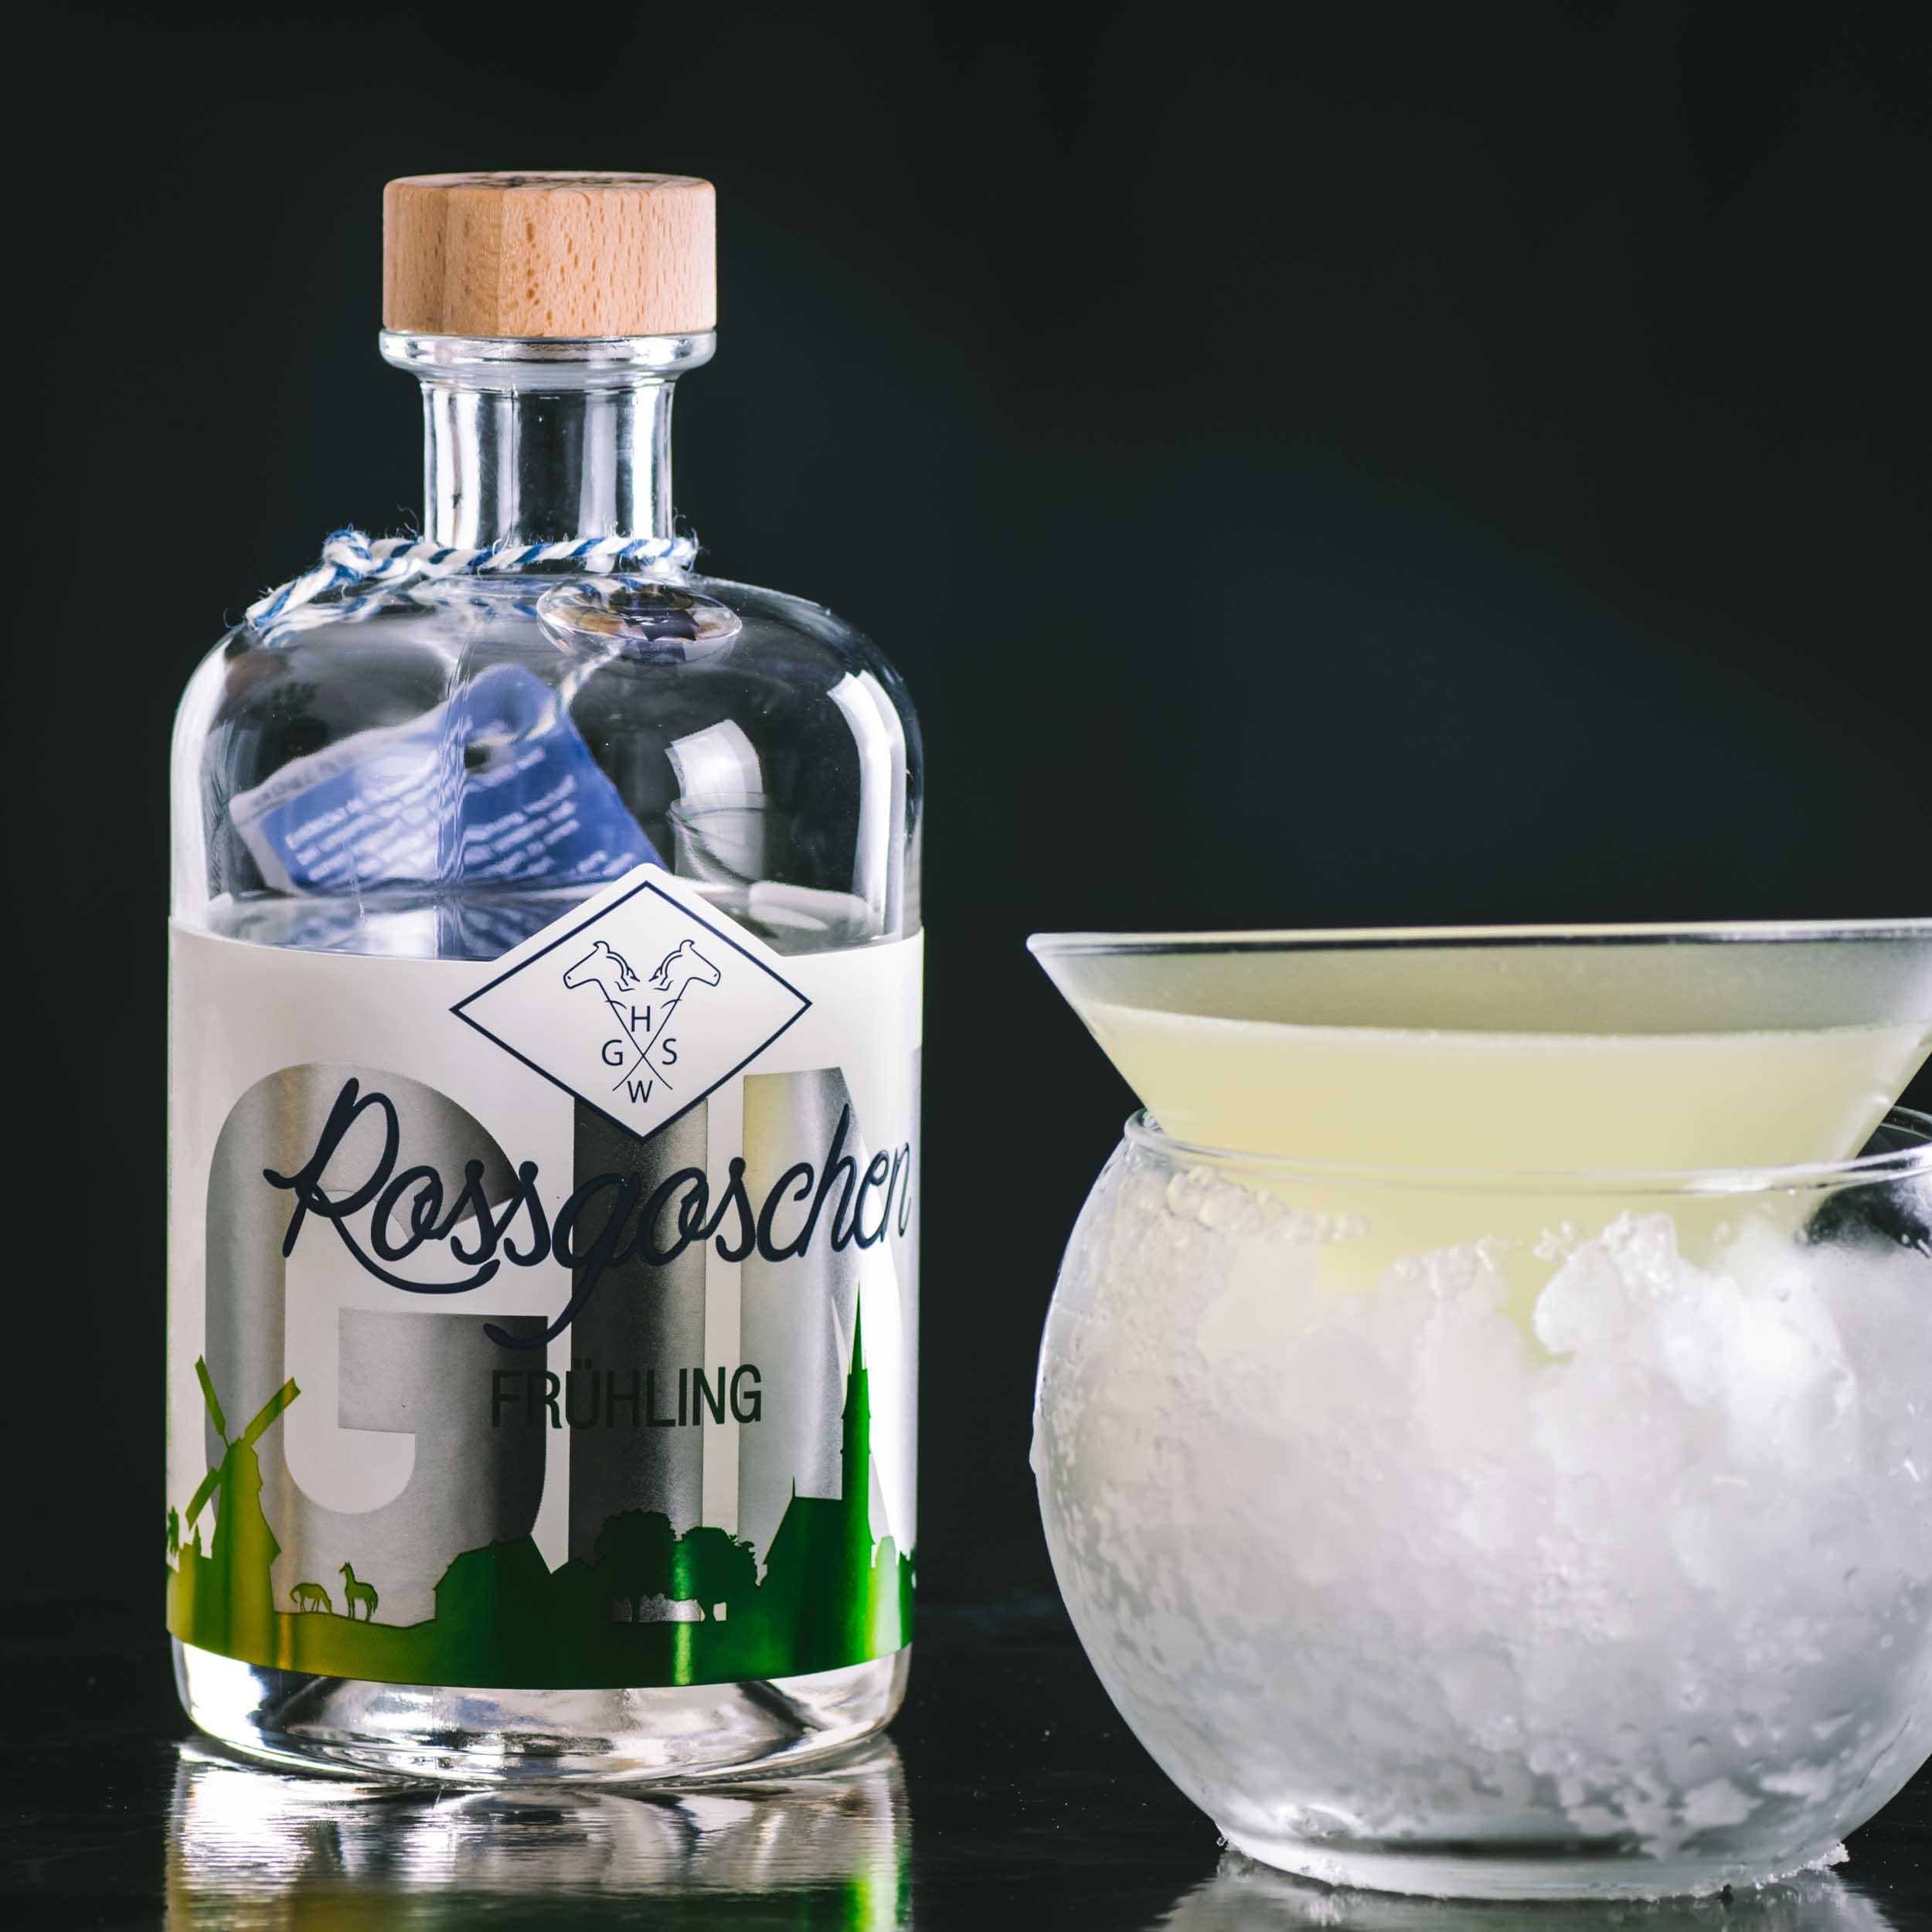 Rossgoschen Frühling Gin im Last Horse Cocktail.